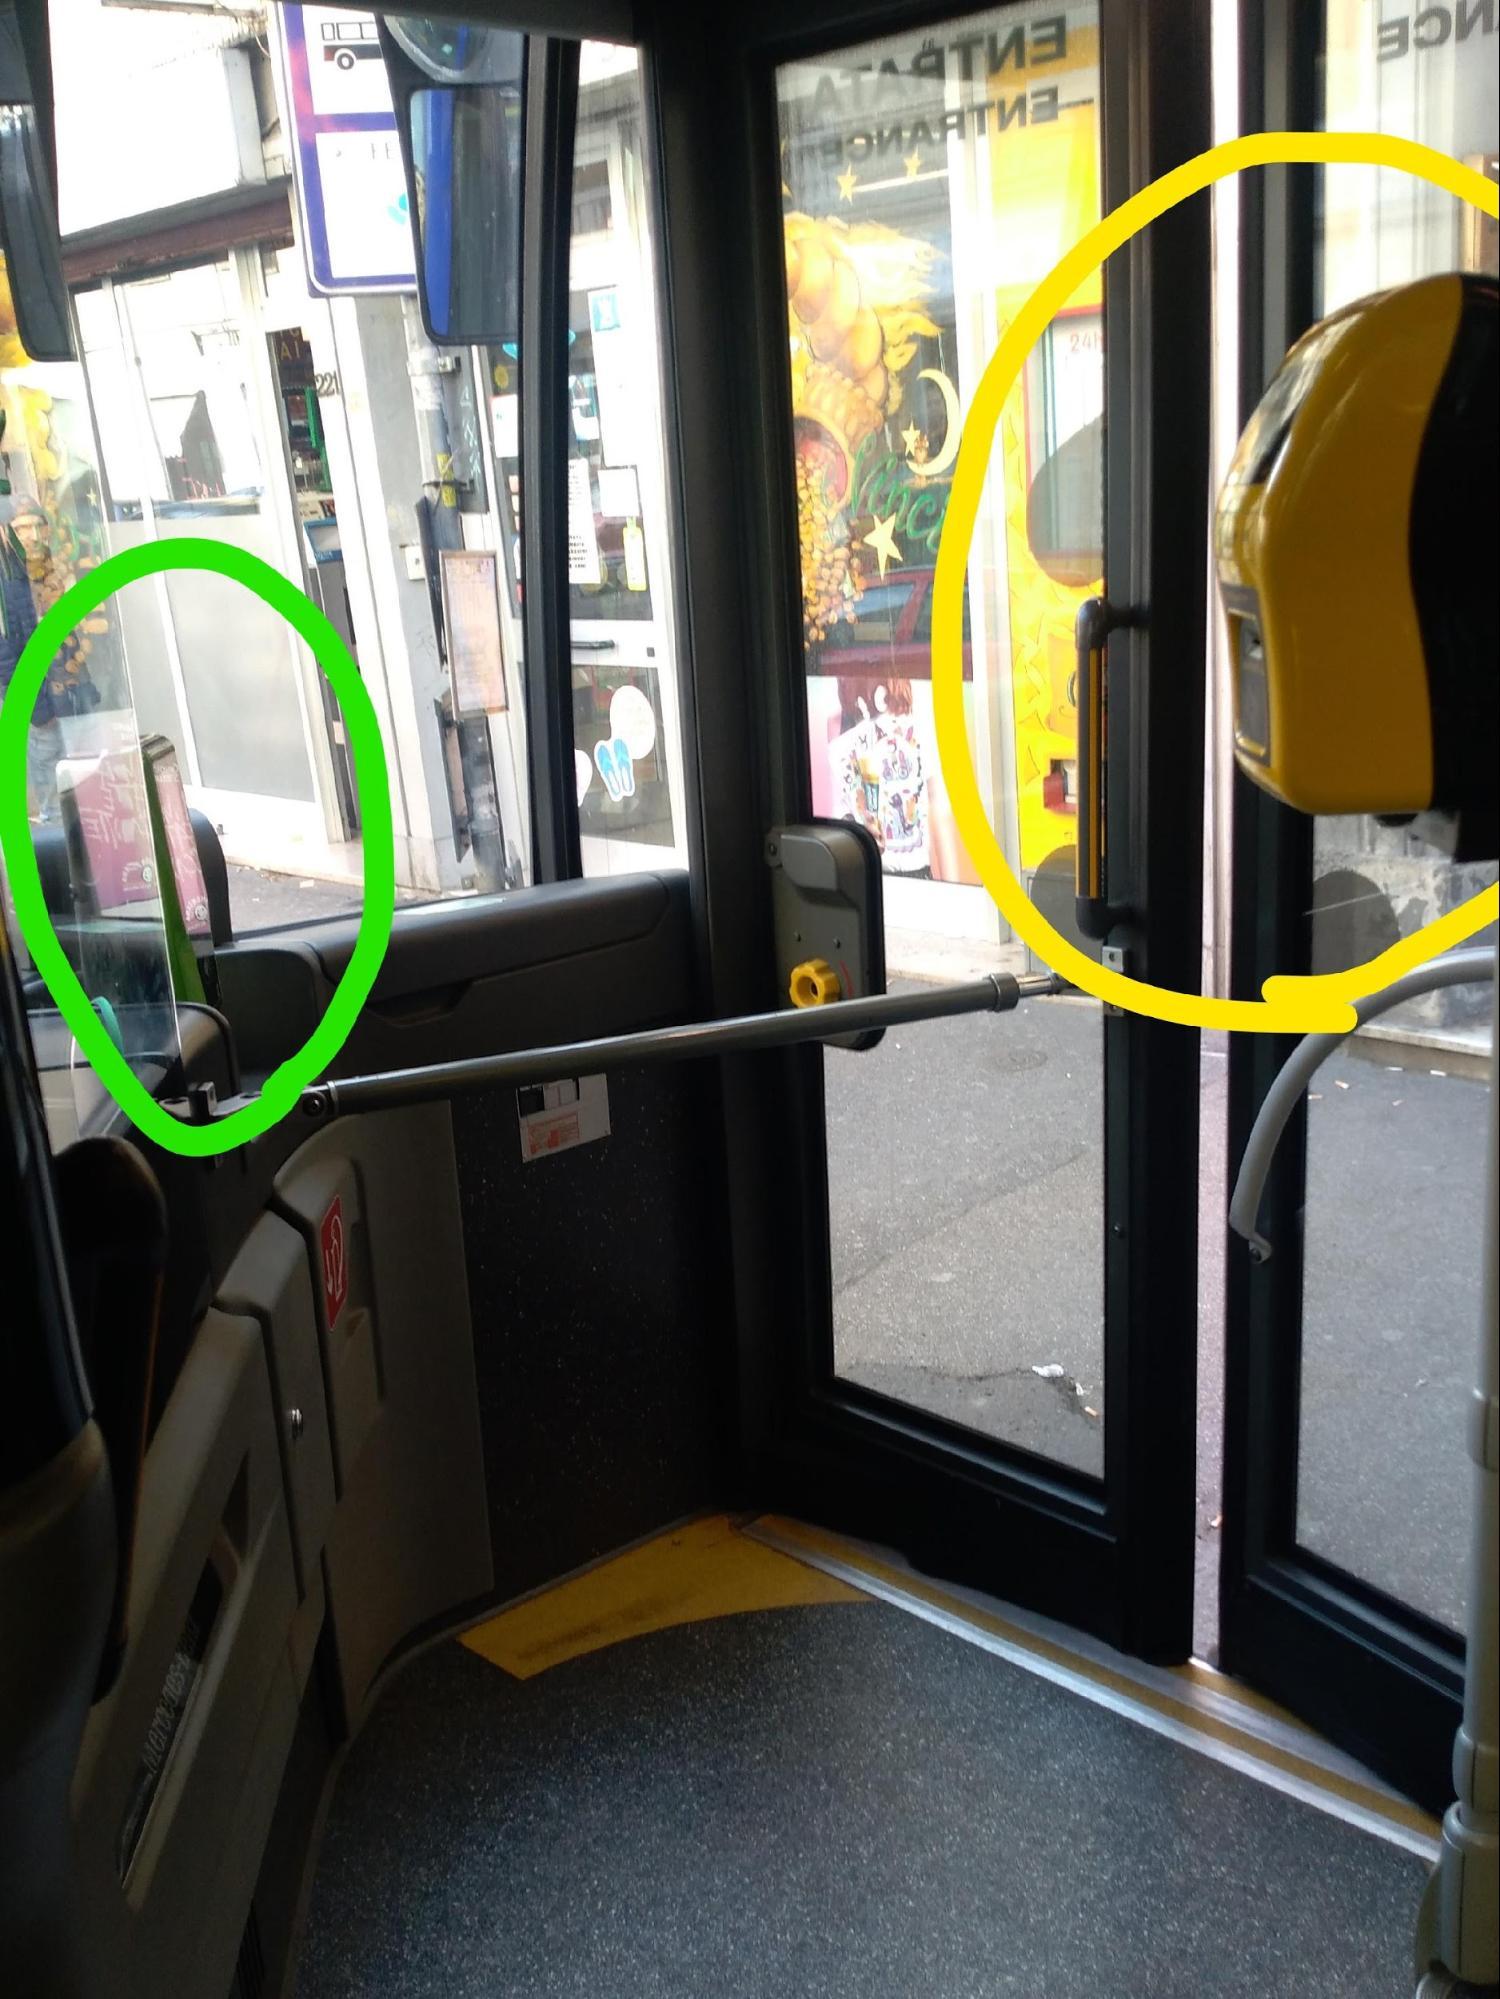 フィレンツェ・フィエーゾレ:フィエーゾレ行きのバス乗車口付近のチケットの機械(筆者撮影)